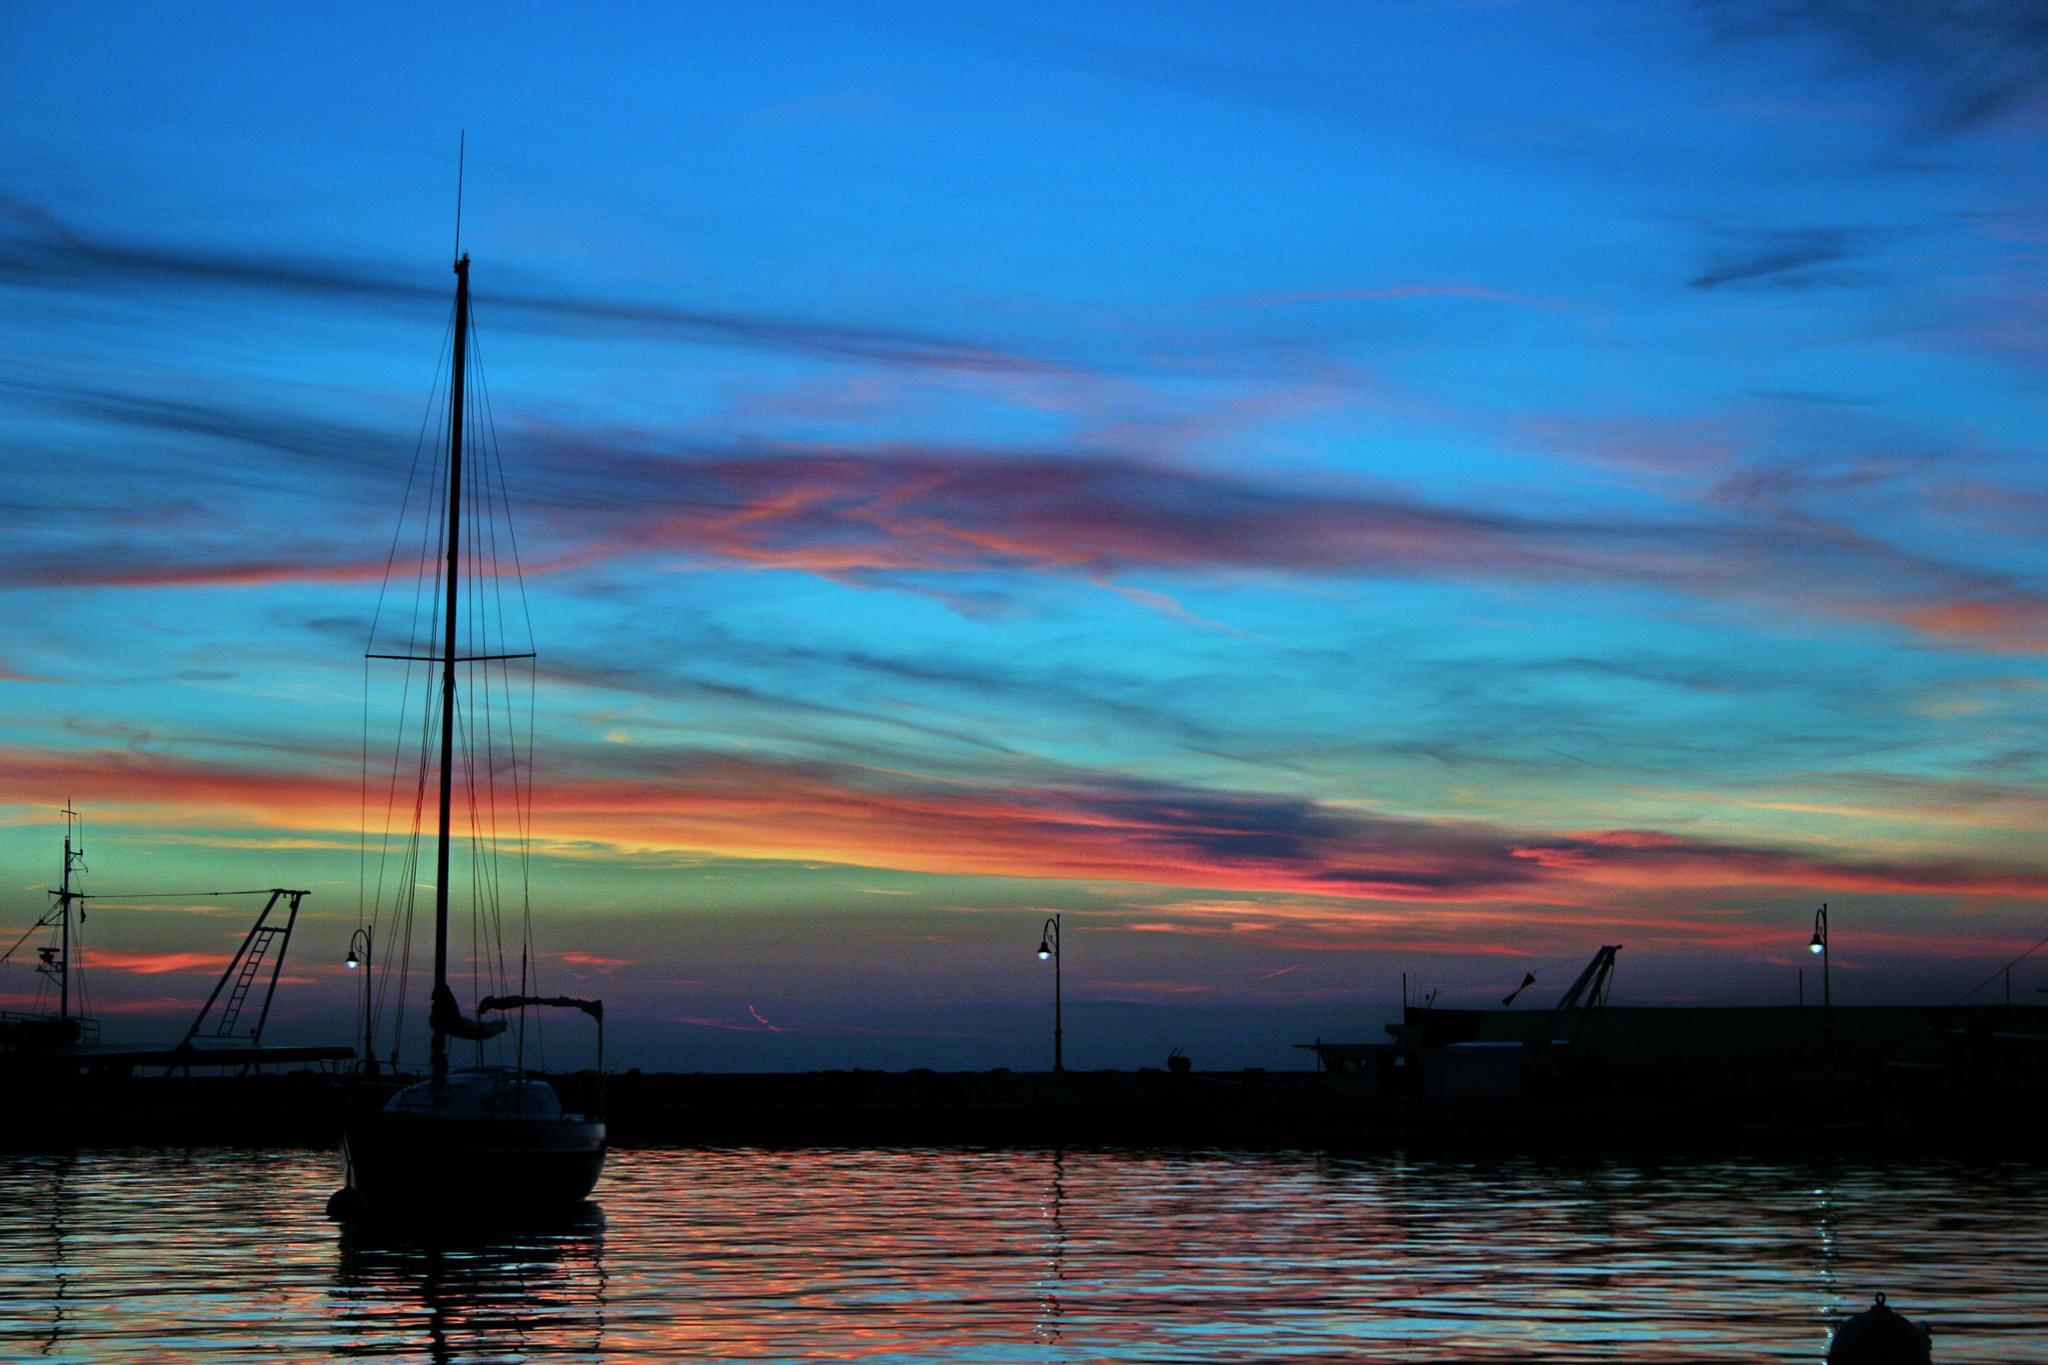 peacefull harbur evening by BernardaBizjak